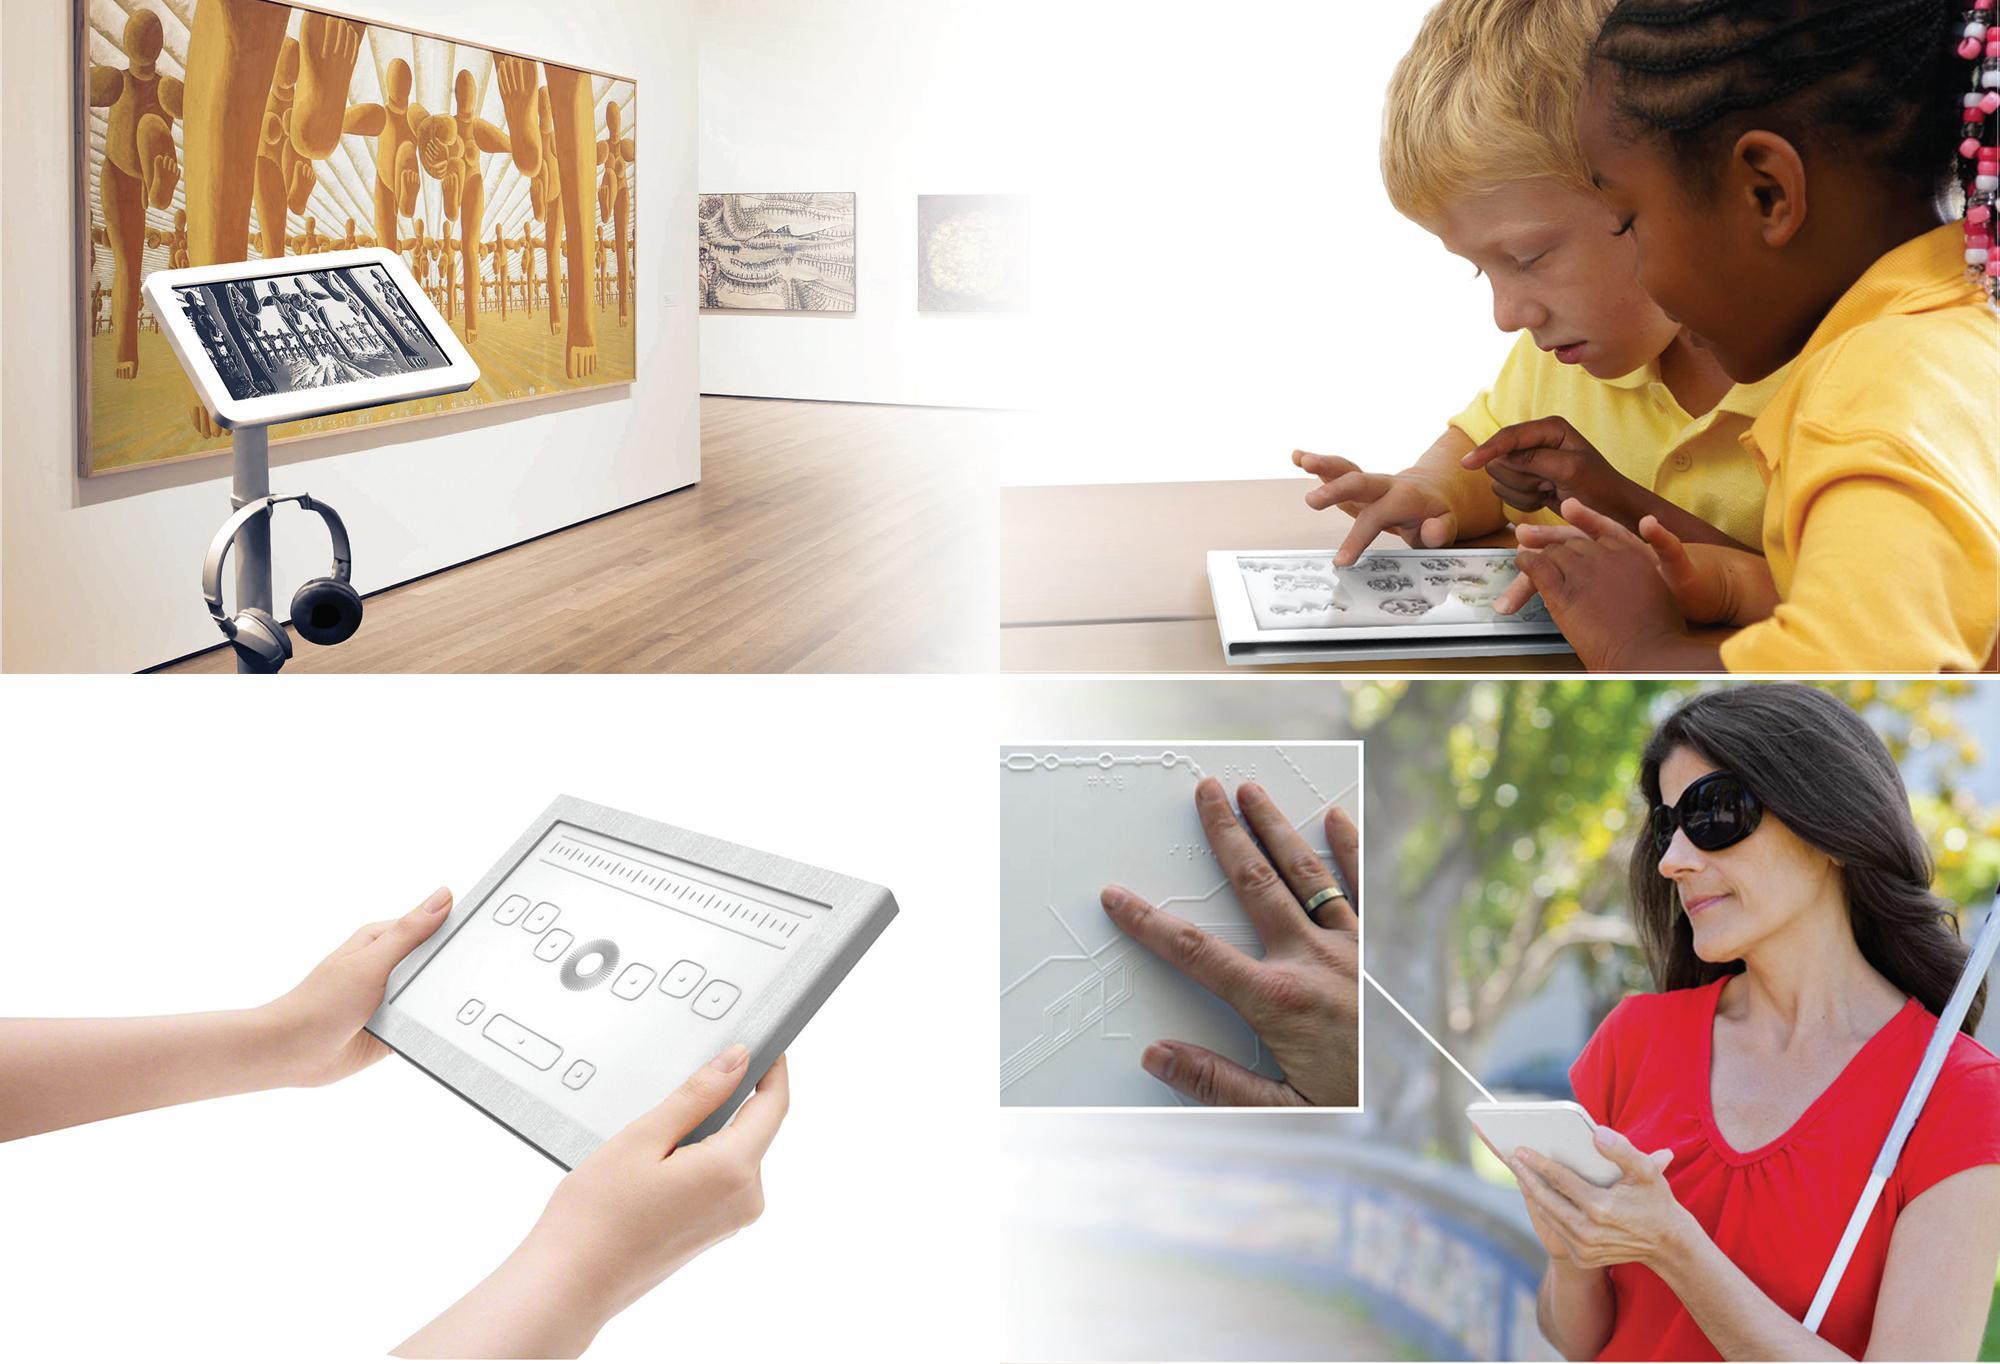 Adeo, migliorare l'usabilità di smartphone e tablet a persone non vedenti